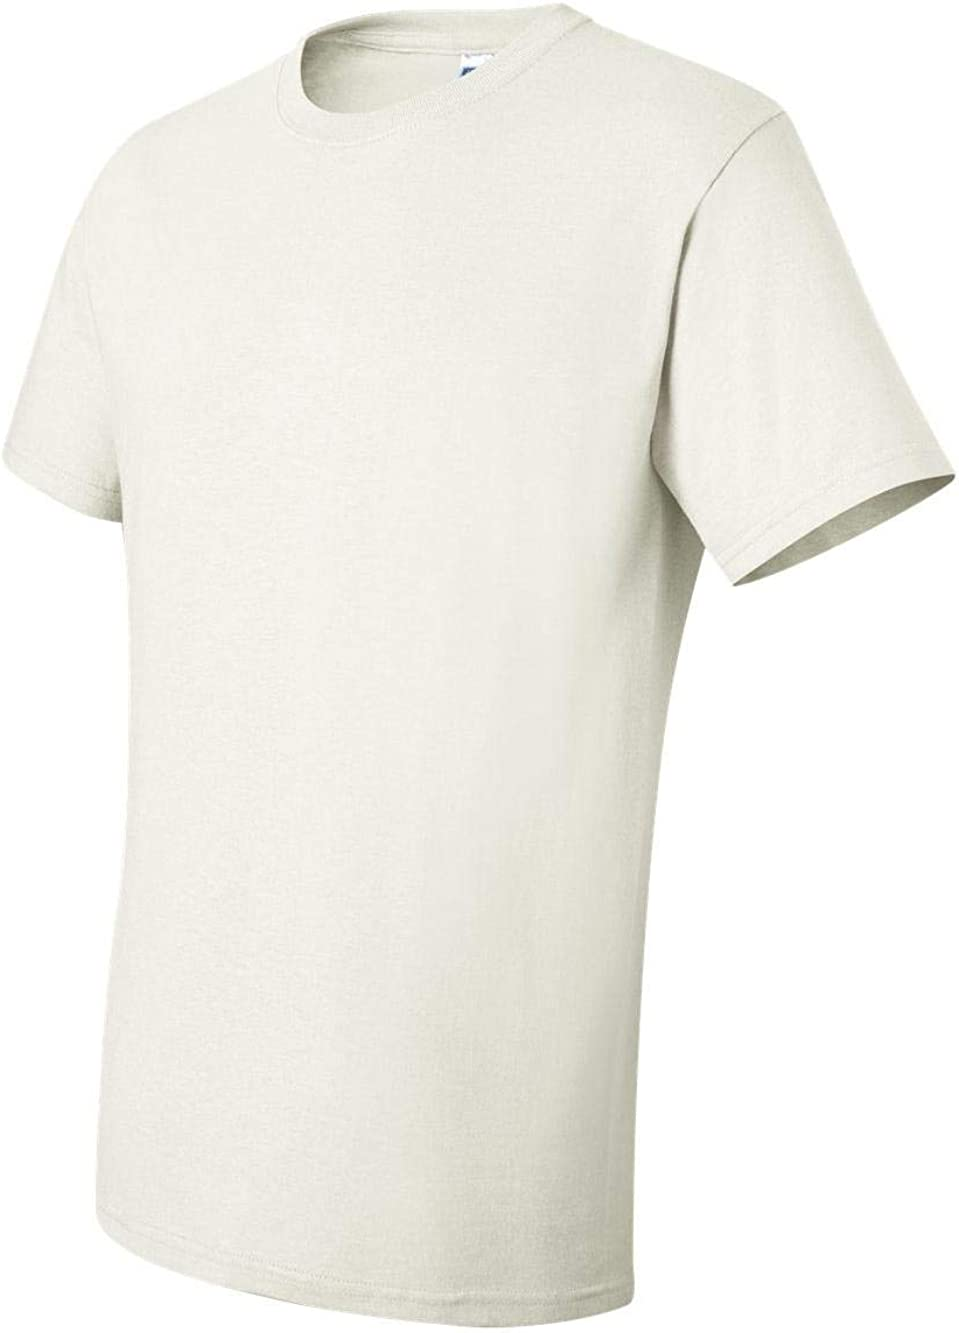 Jerzees Men's Adult Short-Sleeve T-Shirt 3 Pack